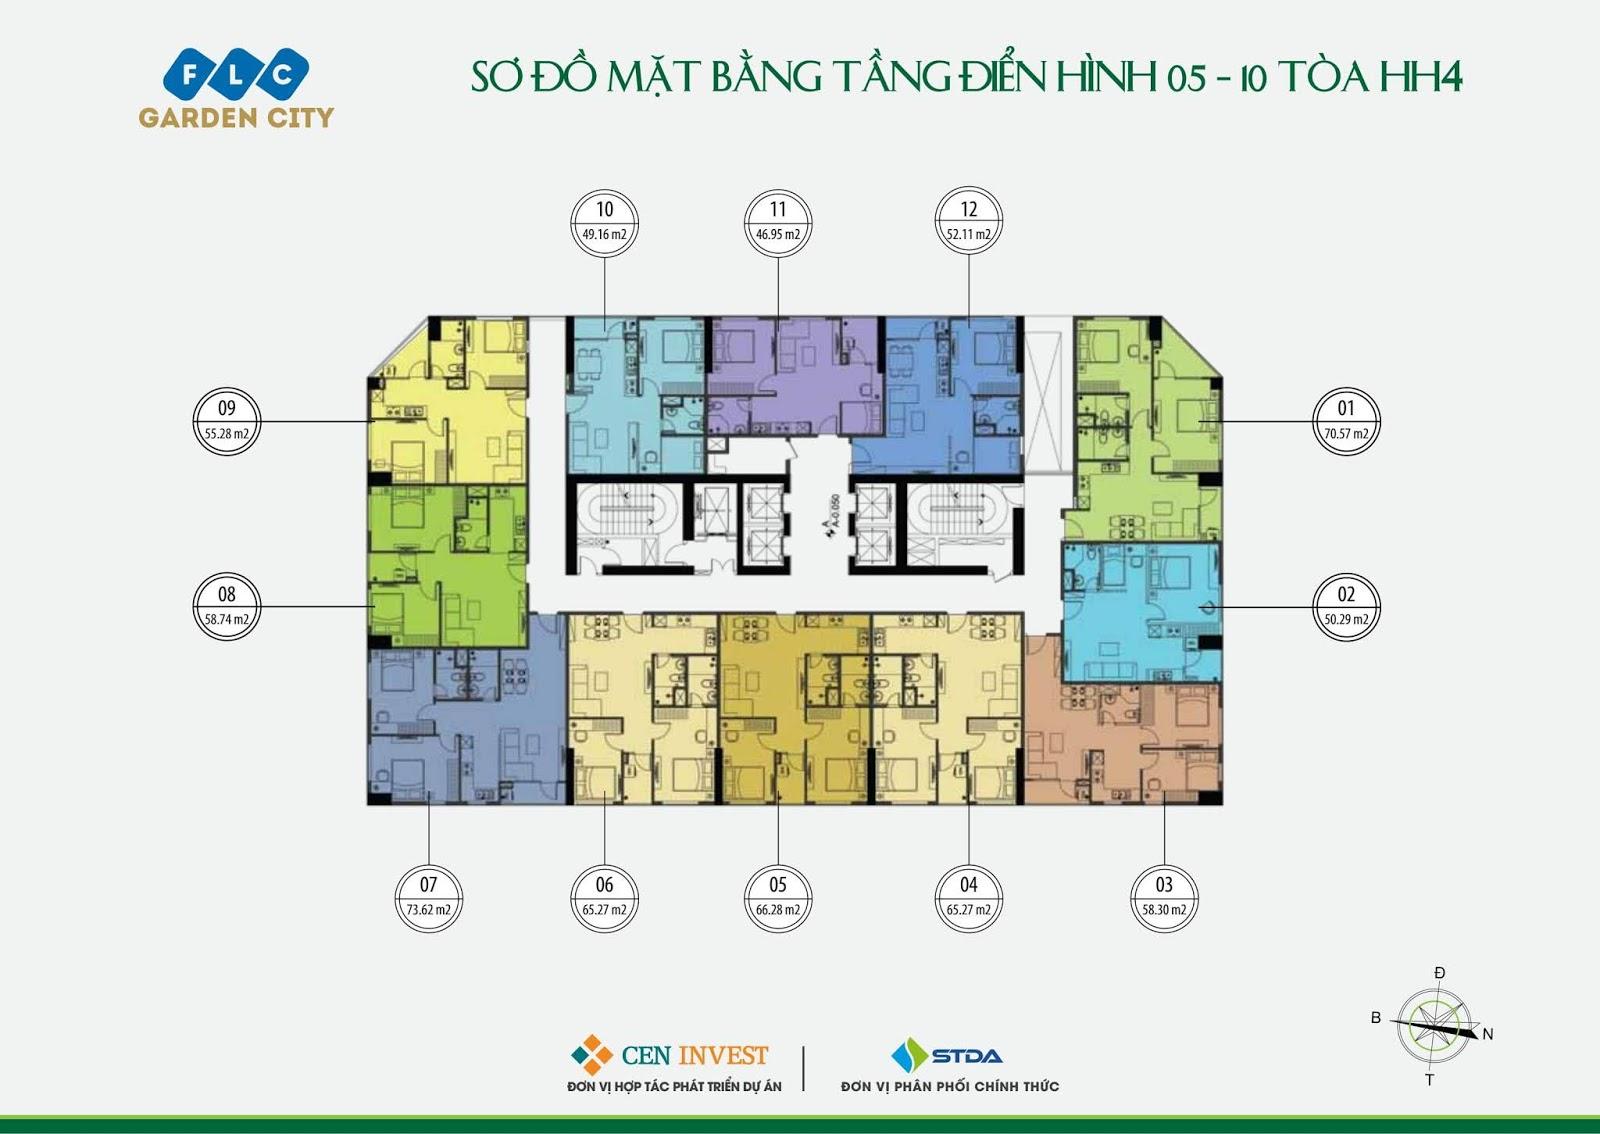 Mặt bằng tầng 05 - 10 Tòa HH4 dự án FLC Garden City Đại Mỗ